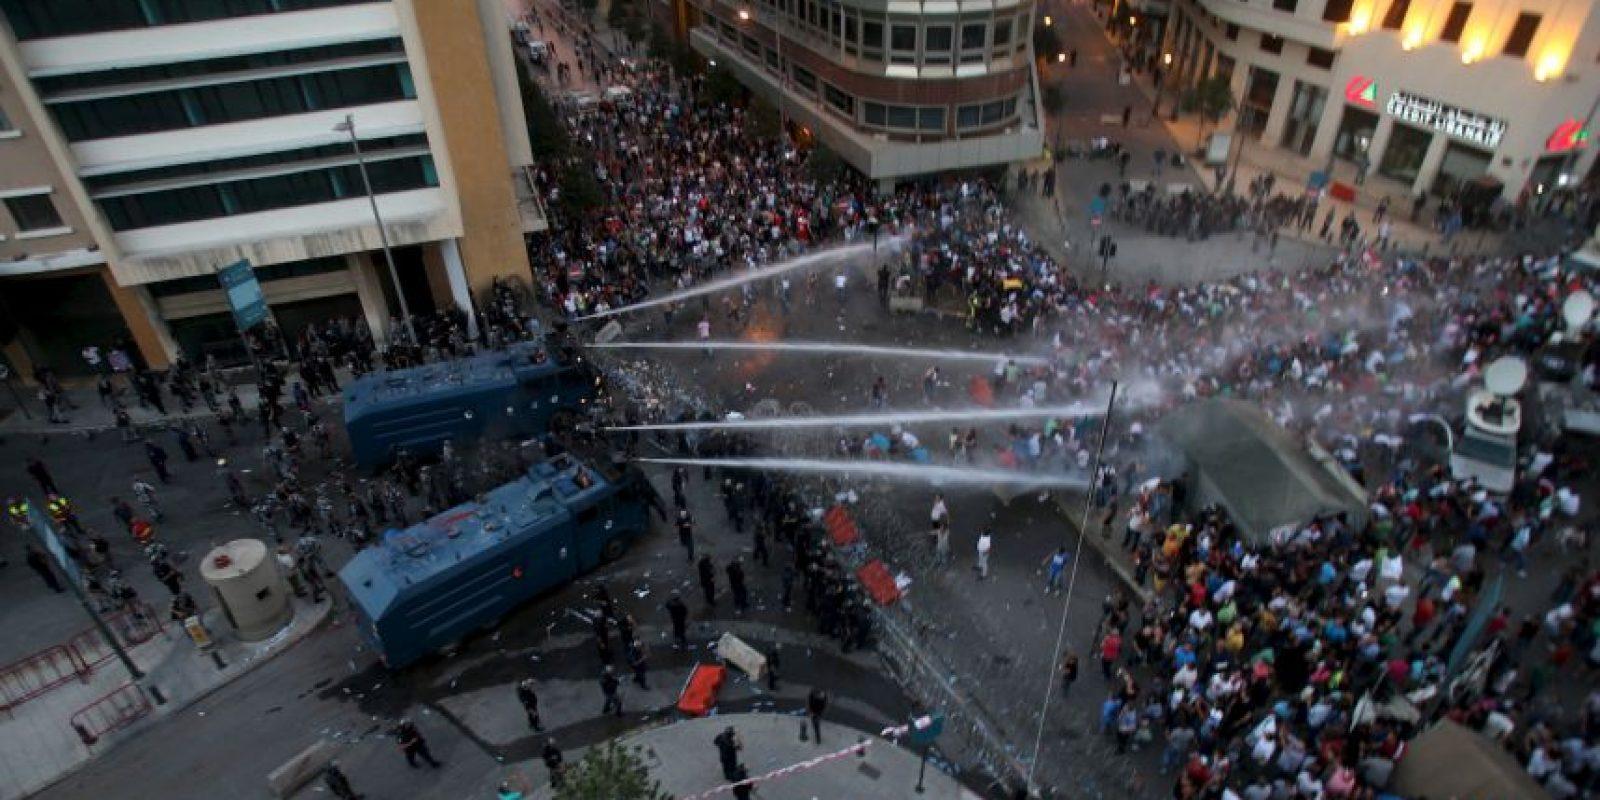 La Policía antimotines de Líbano usó cañones de agua para dispersar a miles de manifestantes Foto:AFP